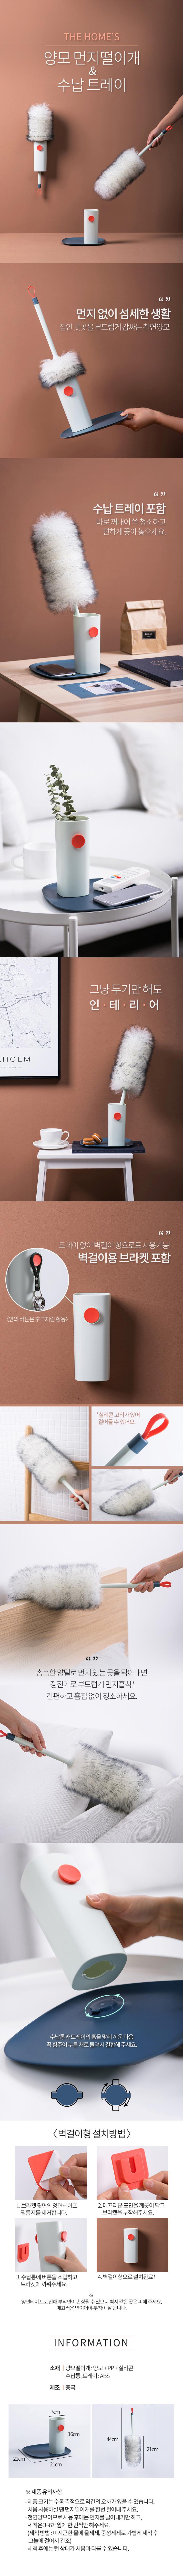 양모 먼지떨이개 + 수납트레이 - 더홈스, 24,900원, 청소도구, 먼지떨이